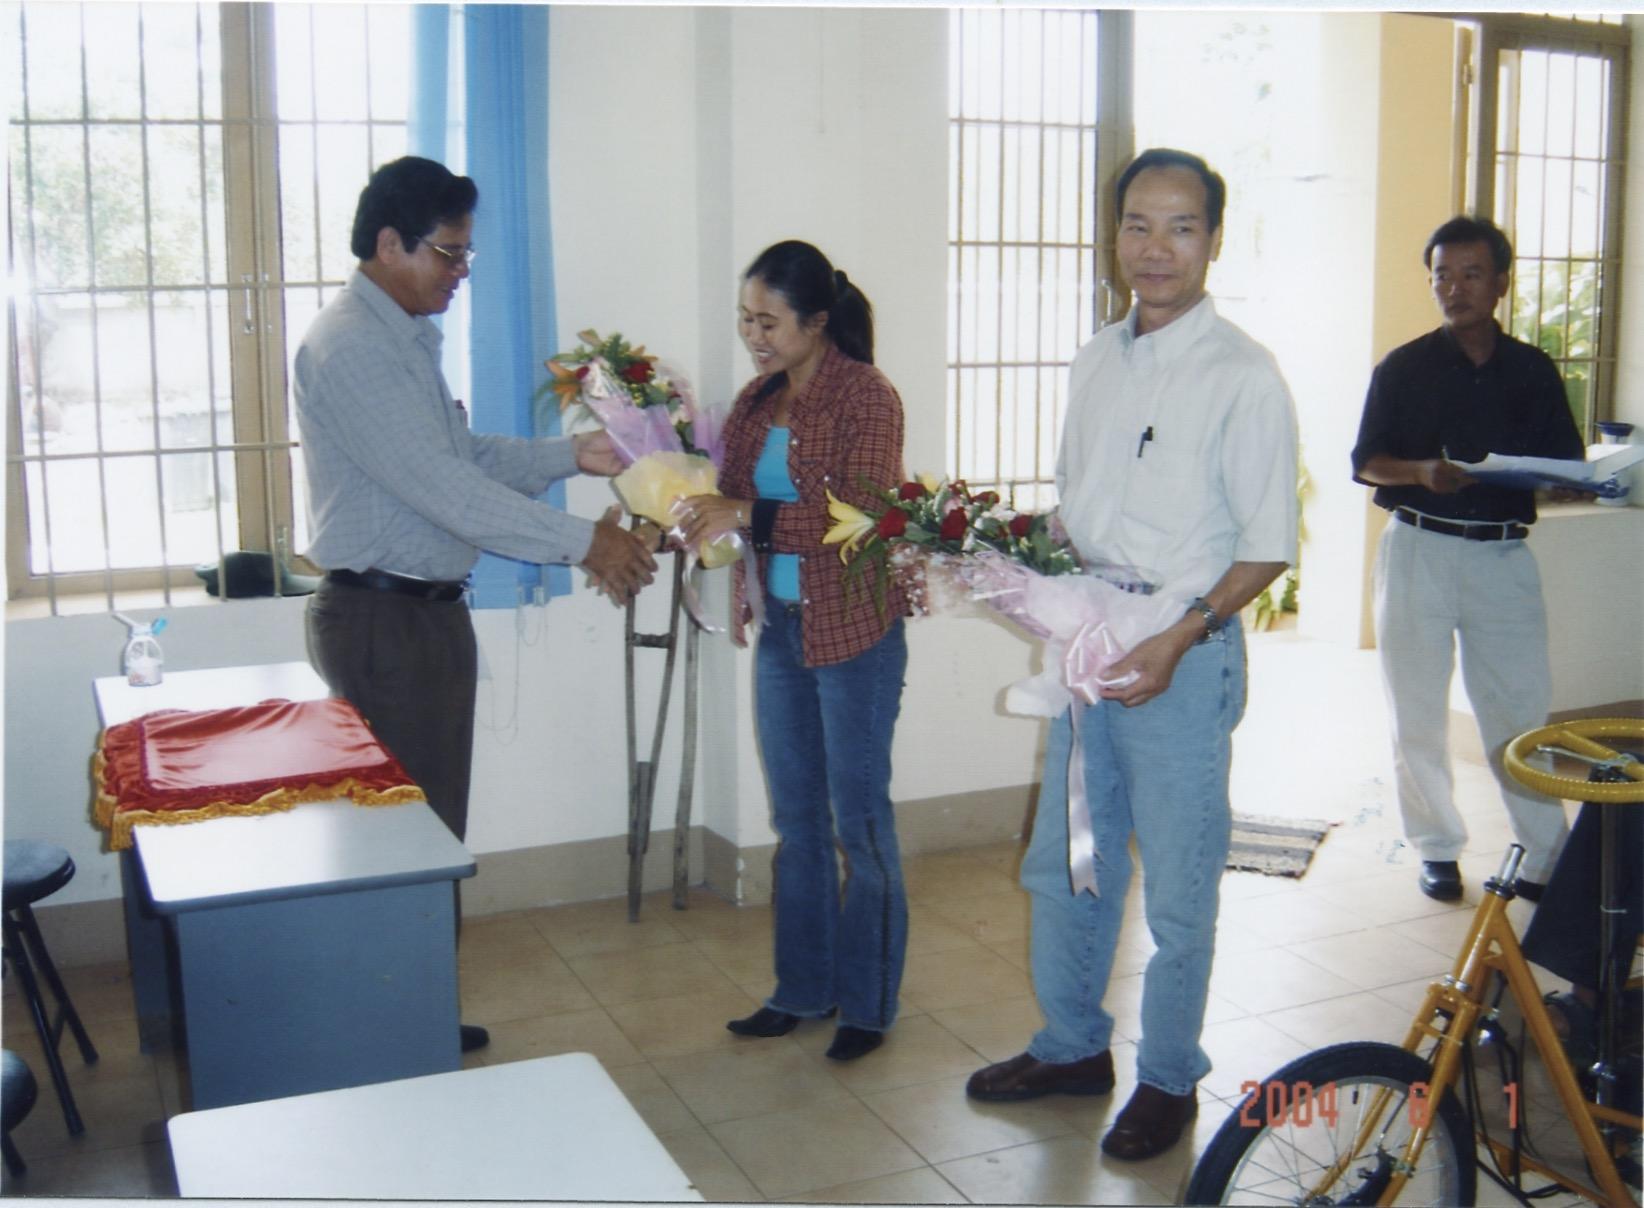 VNAH 2004 Amputees - 15.jpeg